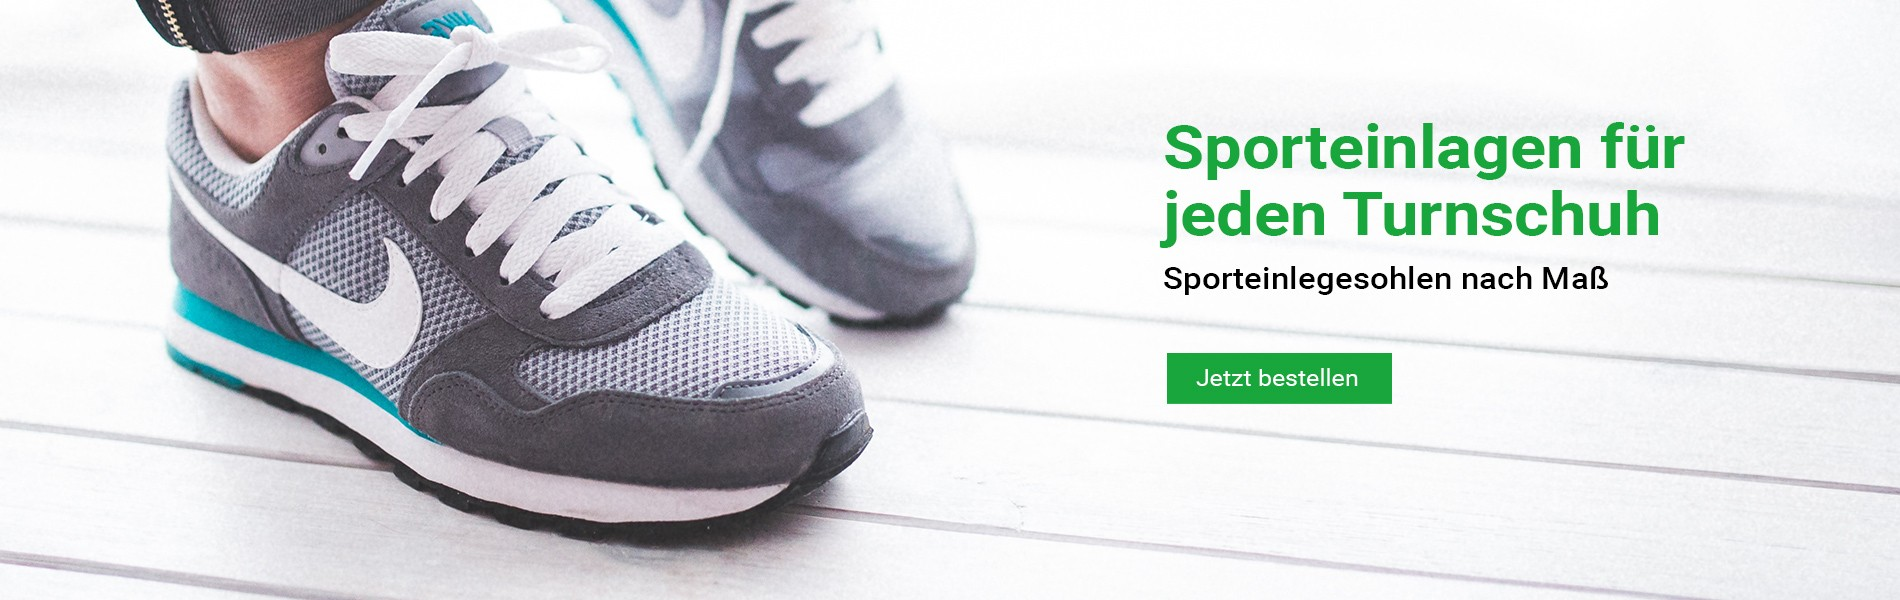 Sporteinlagen für Turnschuhe - Sporteinlegesohlen für jeden Sportschuh